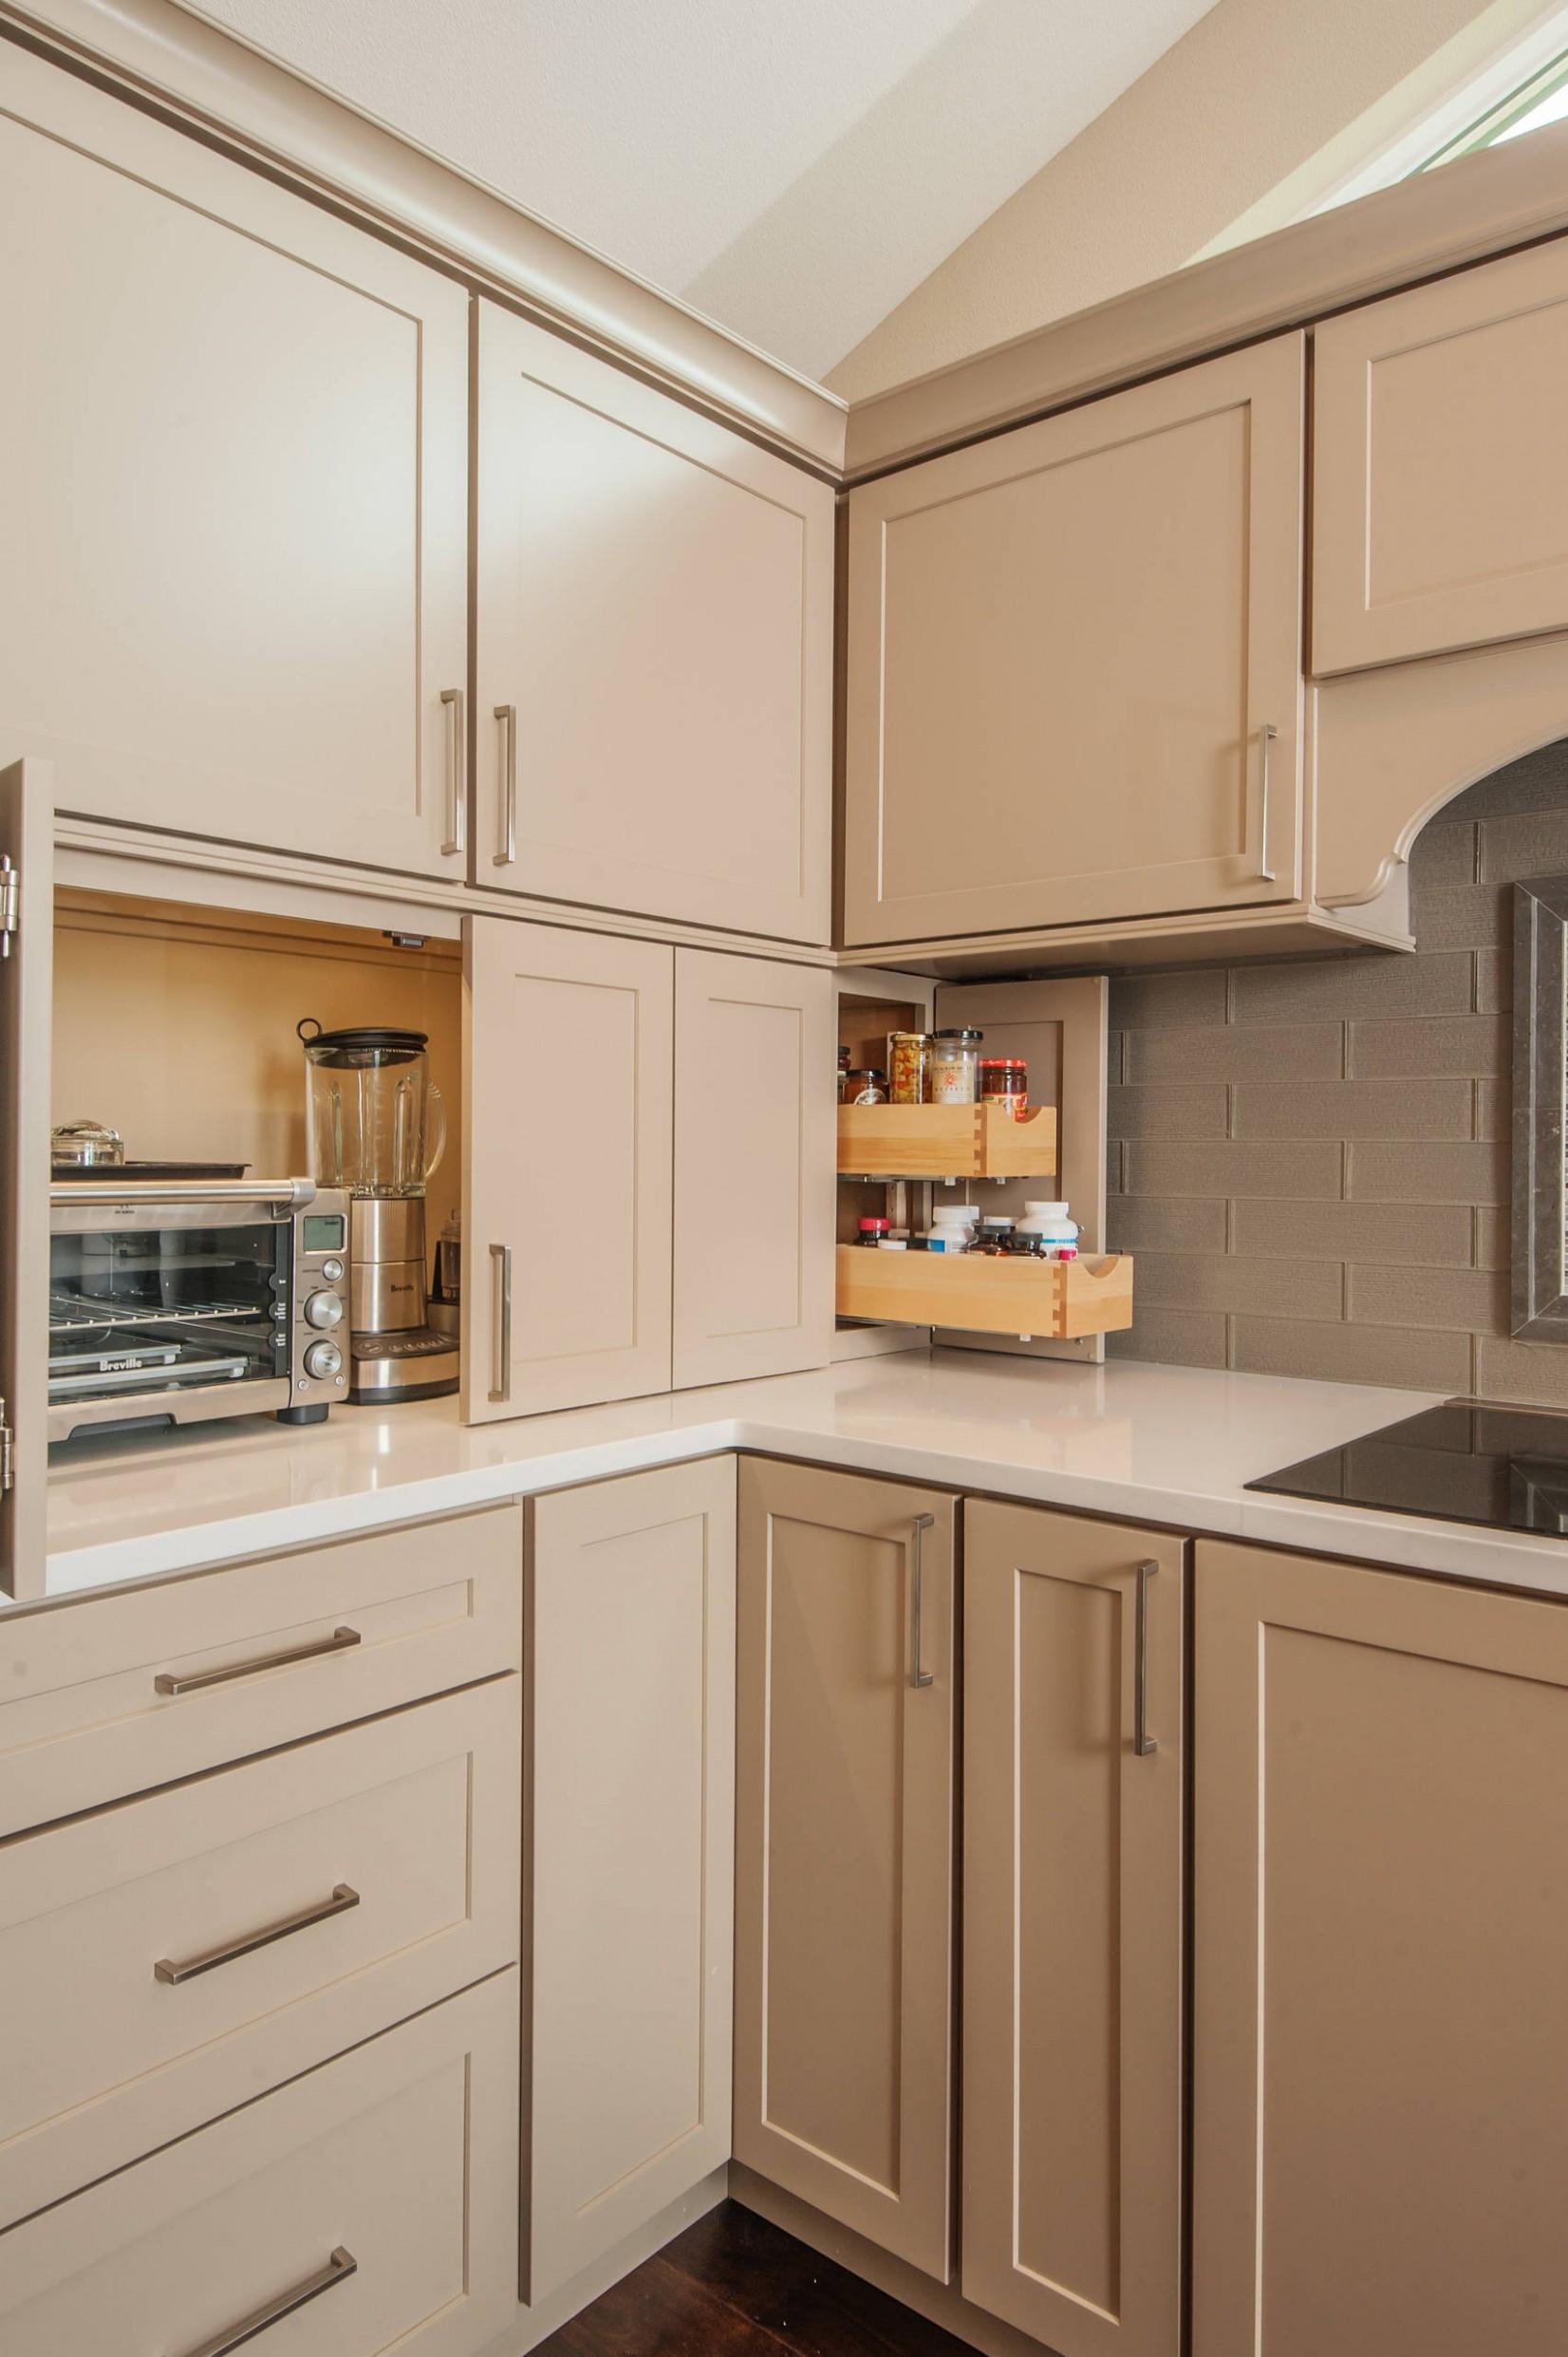 Corner Appliance Garage Ideas  Houzz - Corner Kitchen Cabinet Appliance Garage